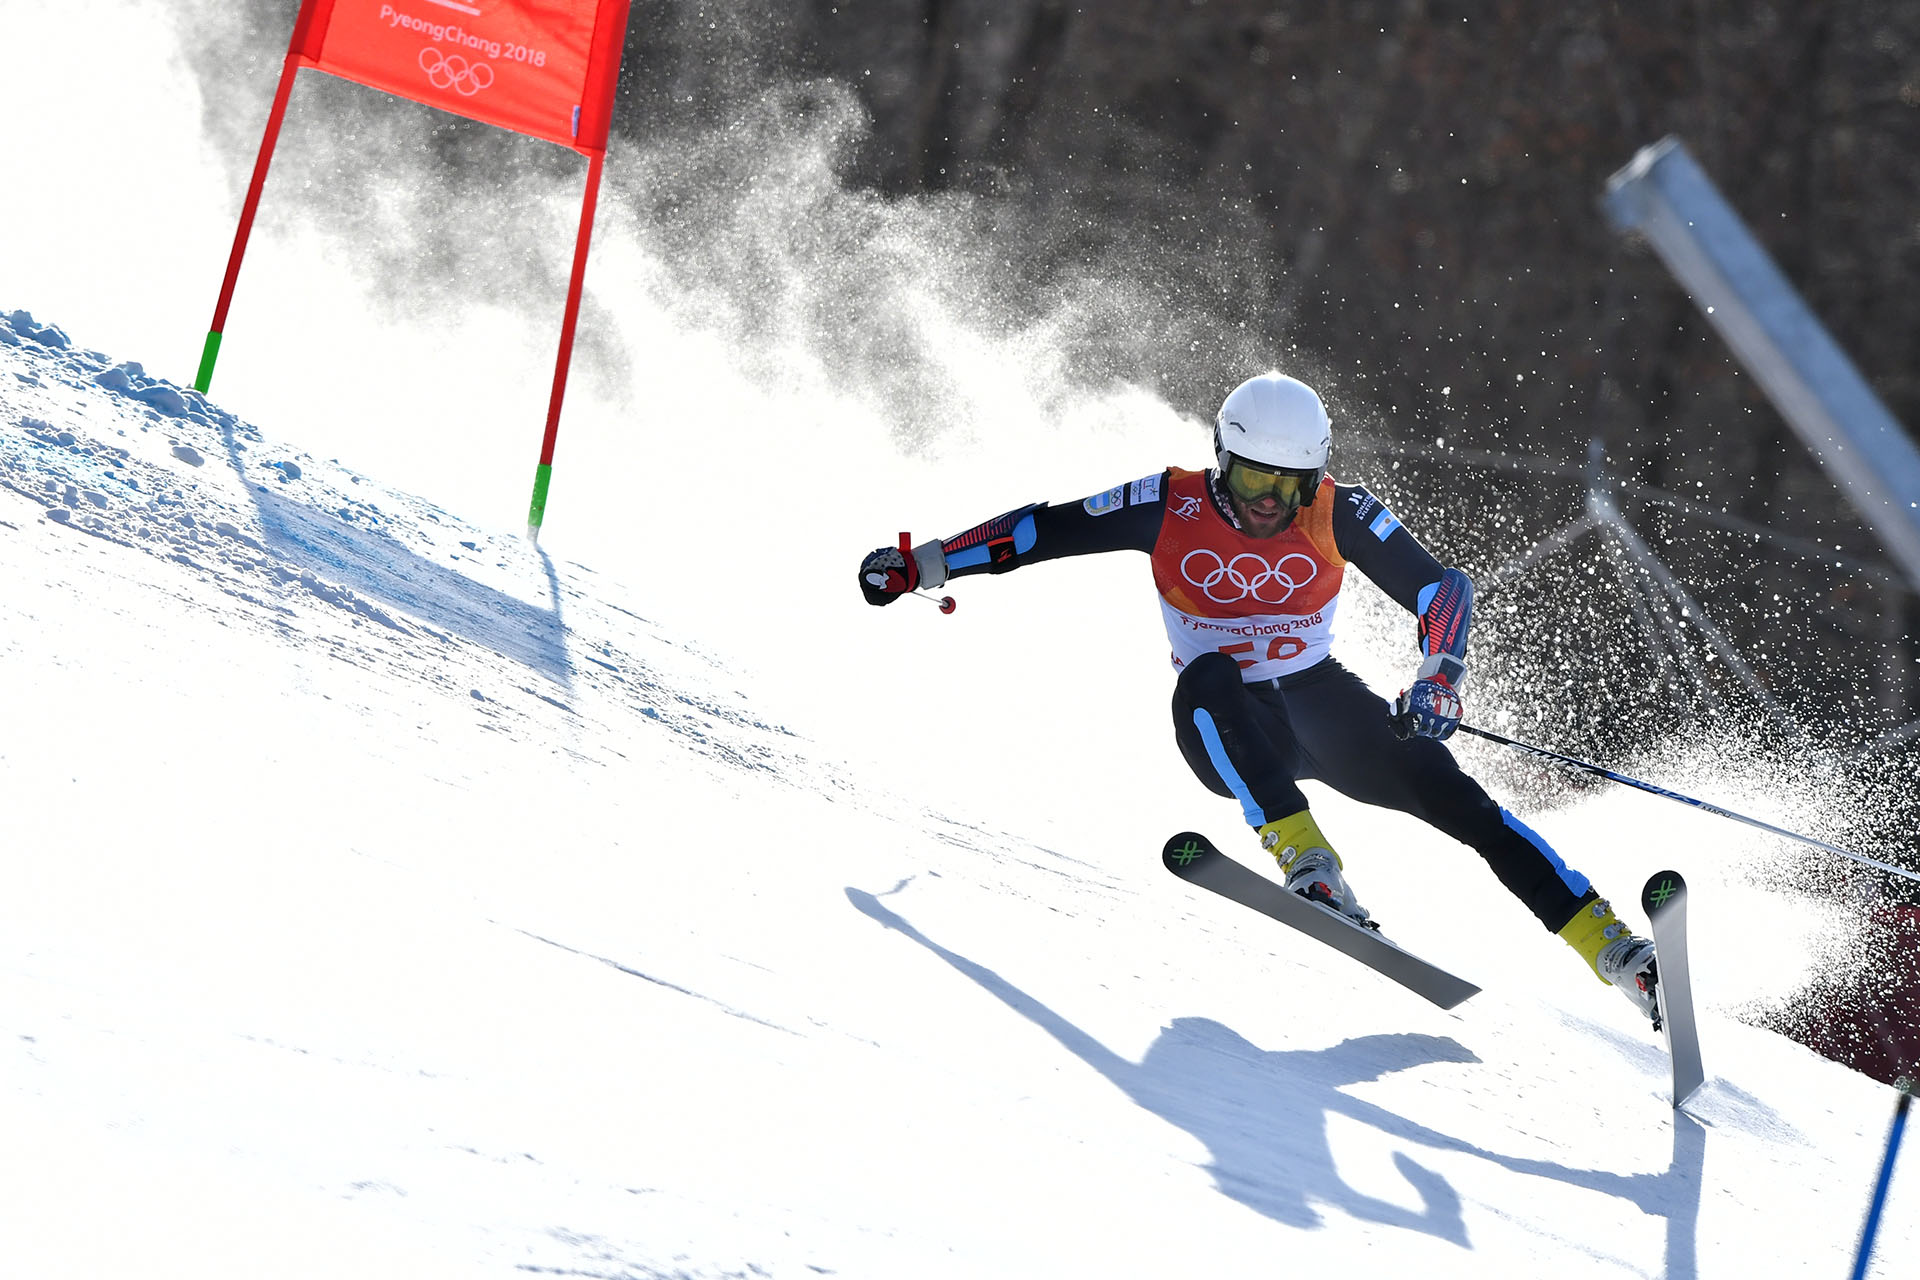 El argentino Sebastiano Gastaldi es el representante argentino que compite en Giant Slalom